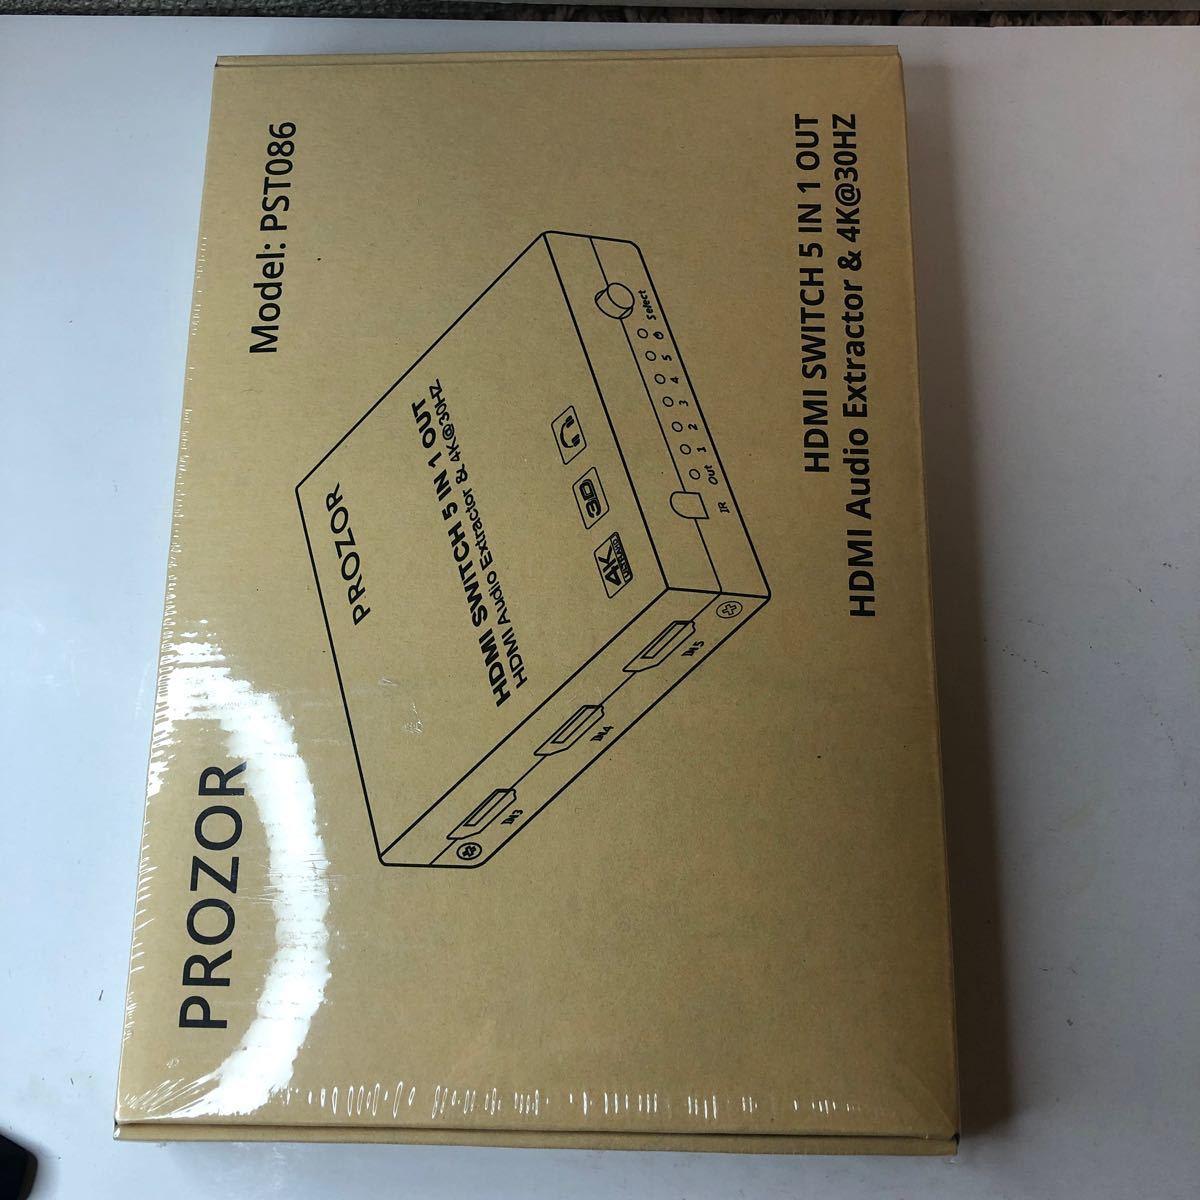 HDMI切替器 音声分離機能 4K 5入力1出力 HDMI1.4 2160p@30Hz